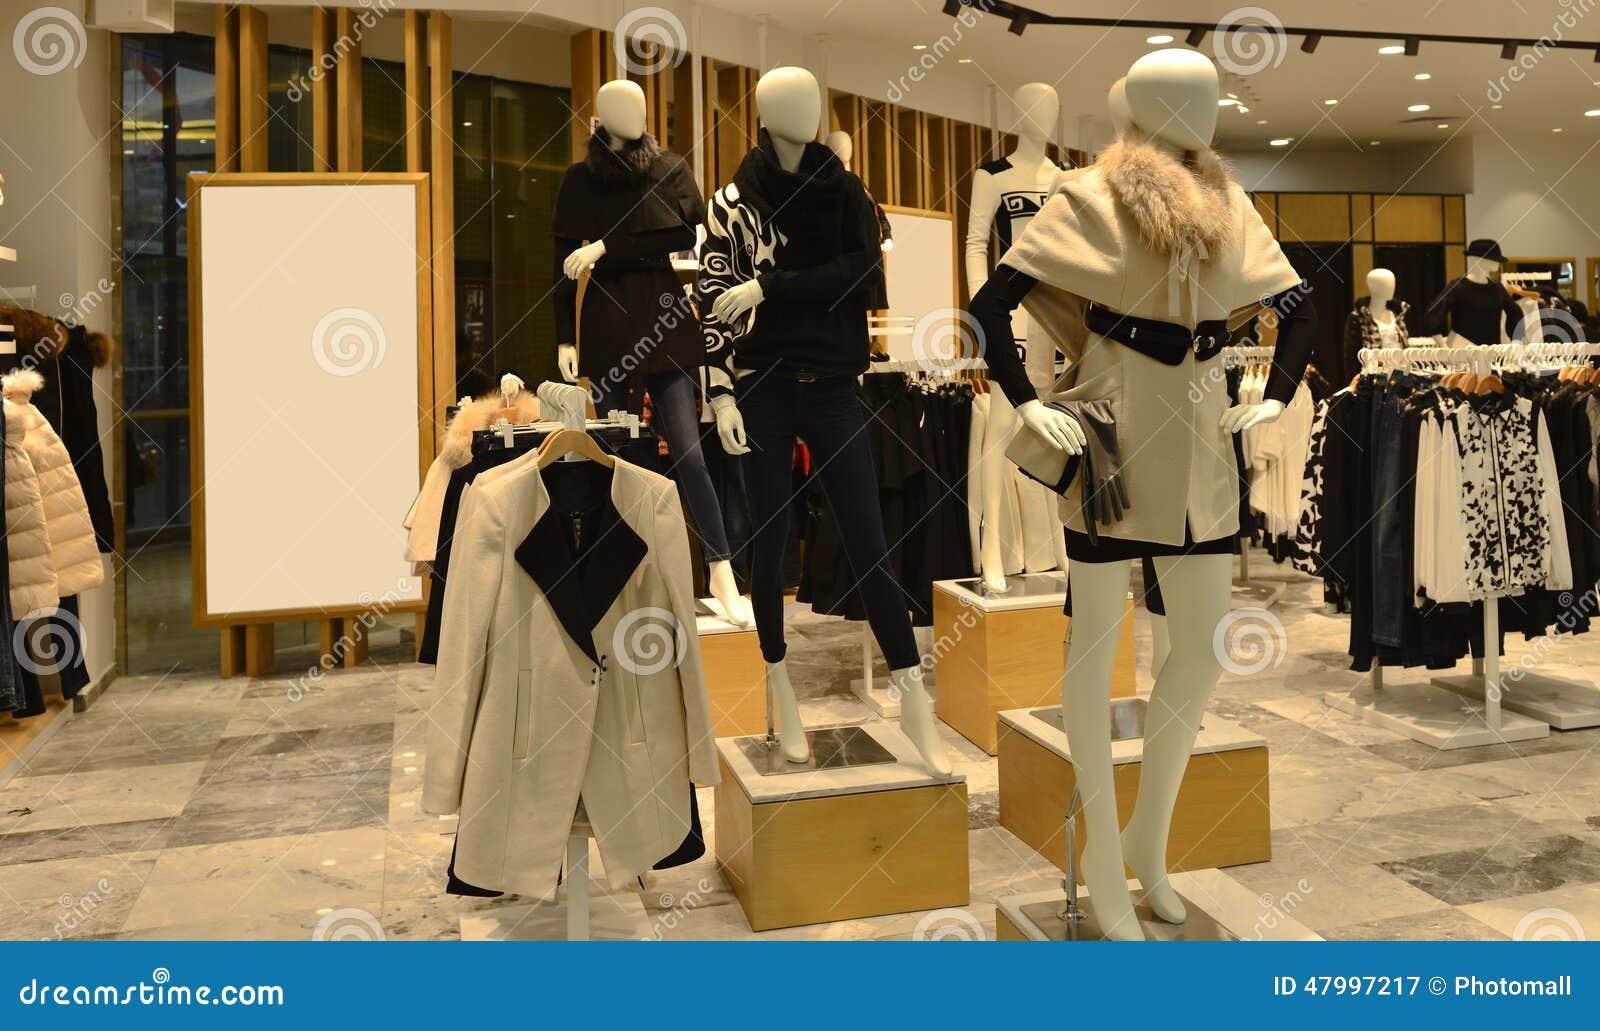 ea2fab9b4c7d Dentro Di Un Negozio Dell abbigliamento Di Modo